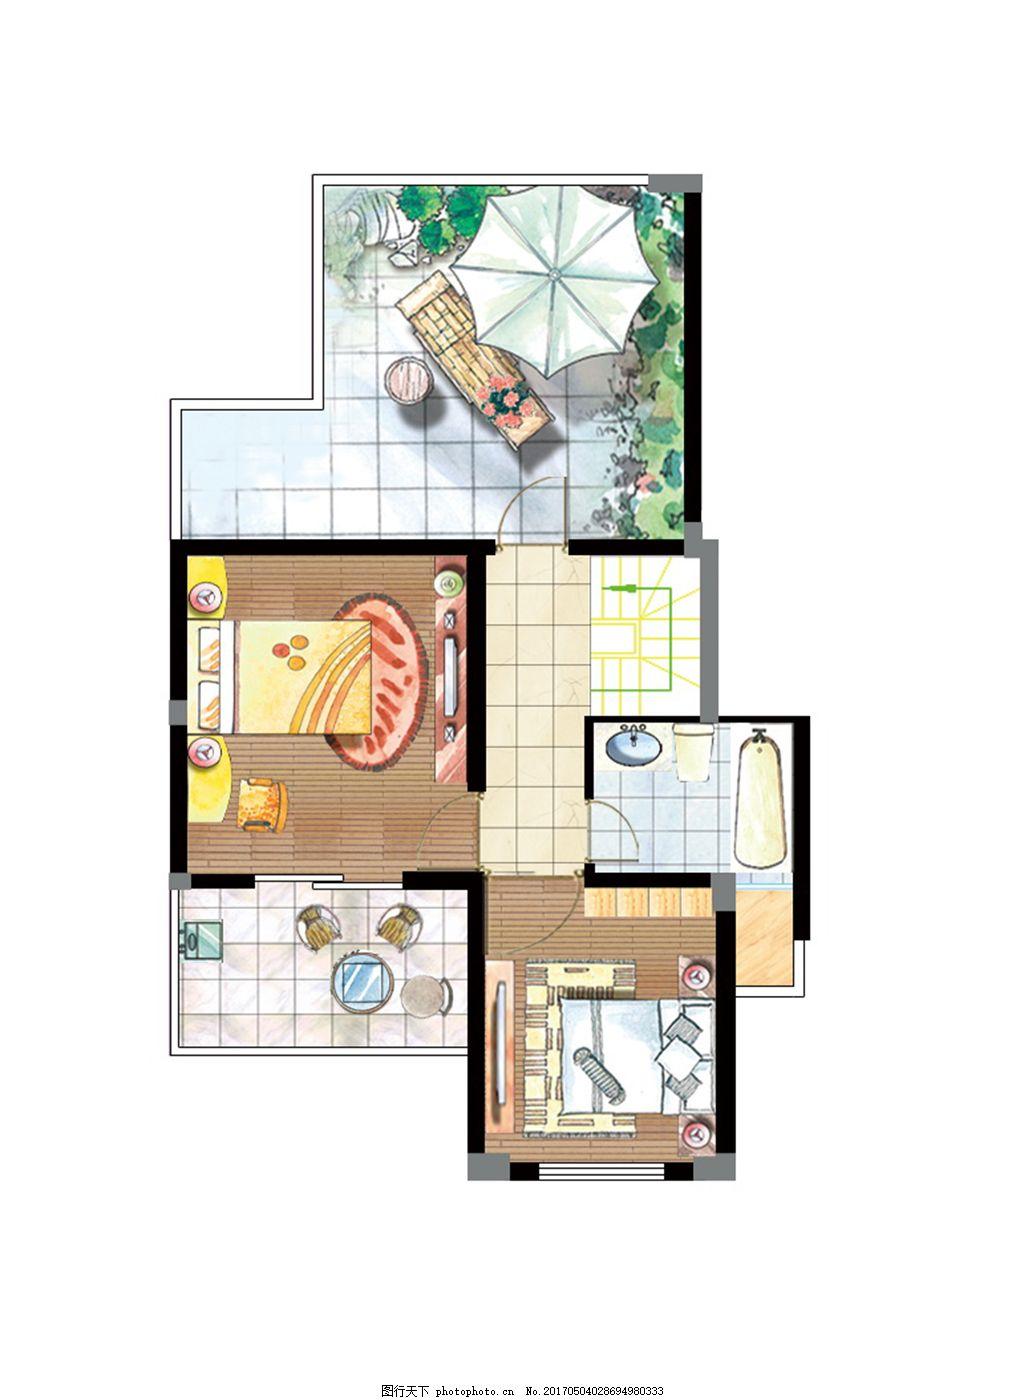 室内设计户型图平面图 室内户型图 家装平面图 手绘平面图 家居